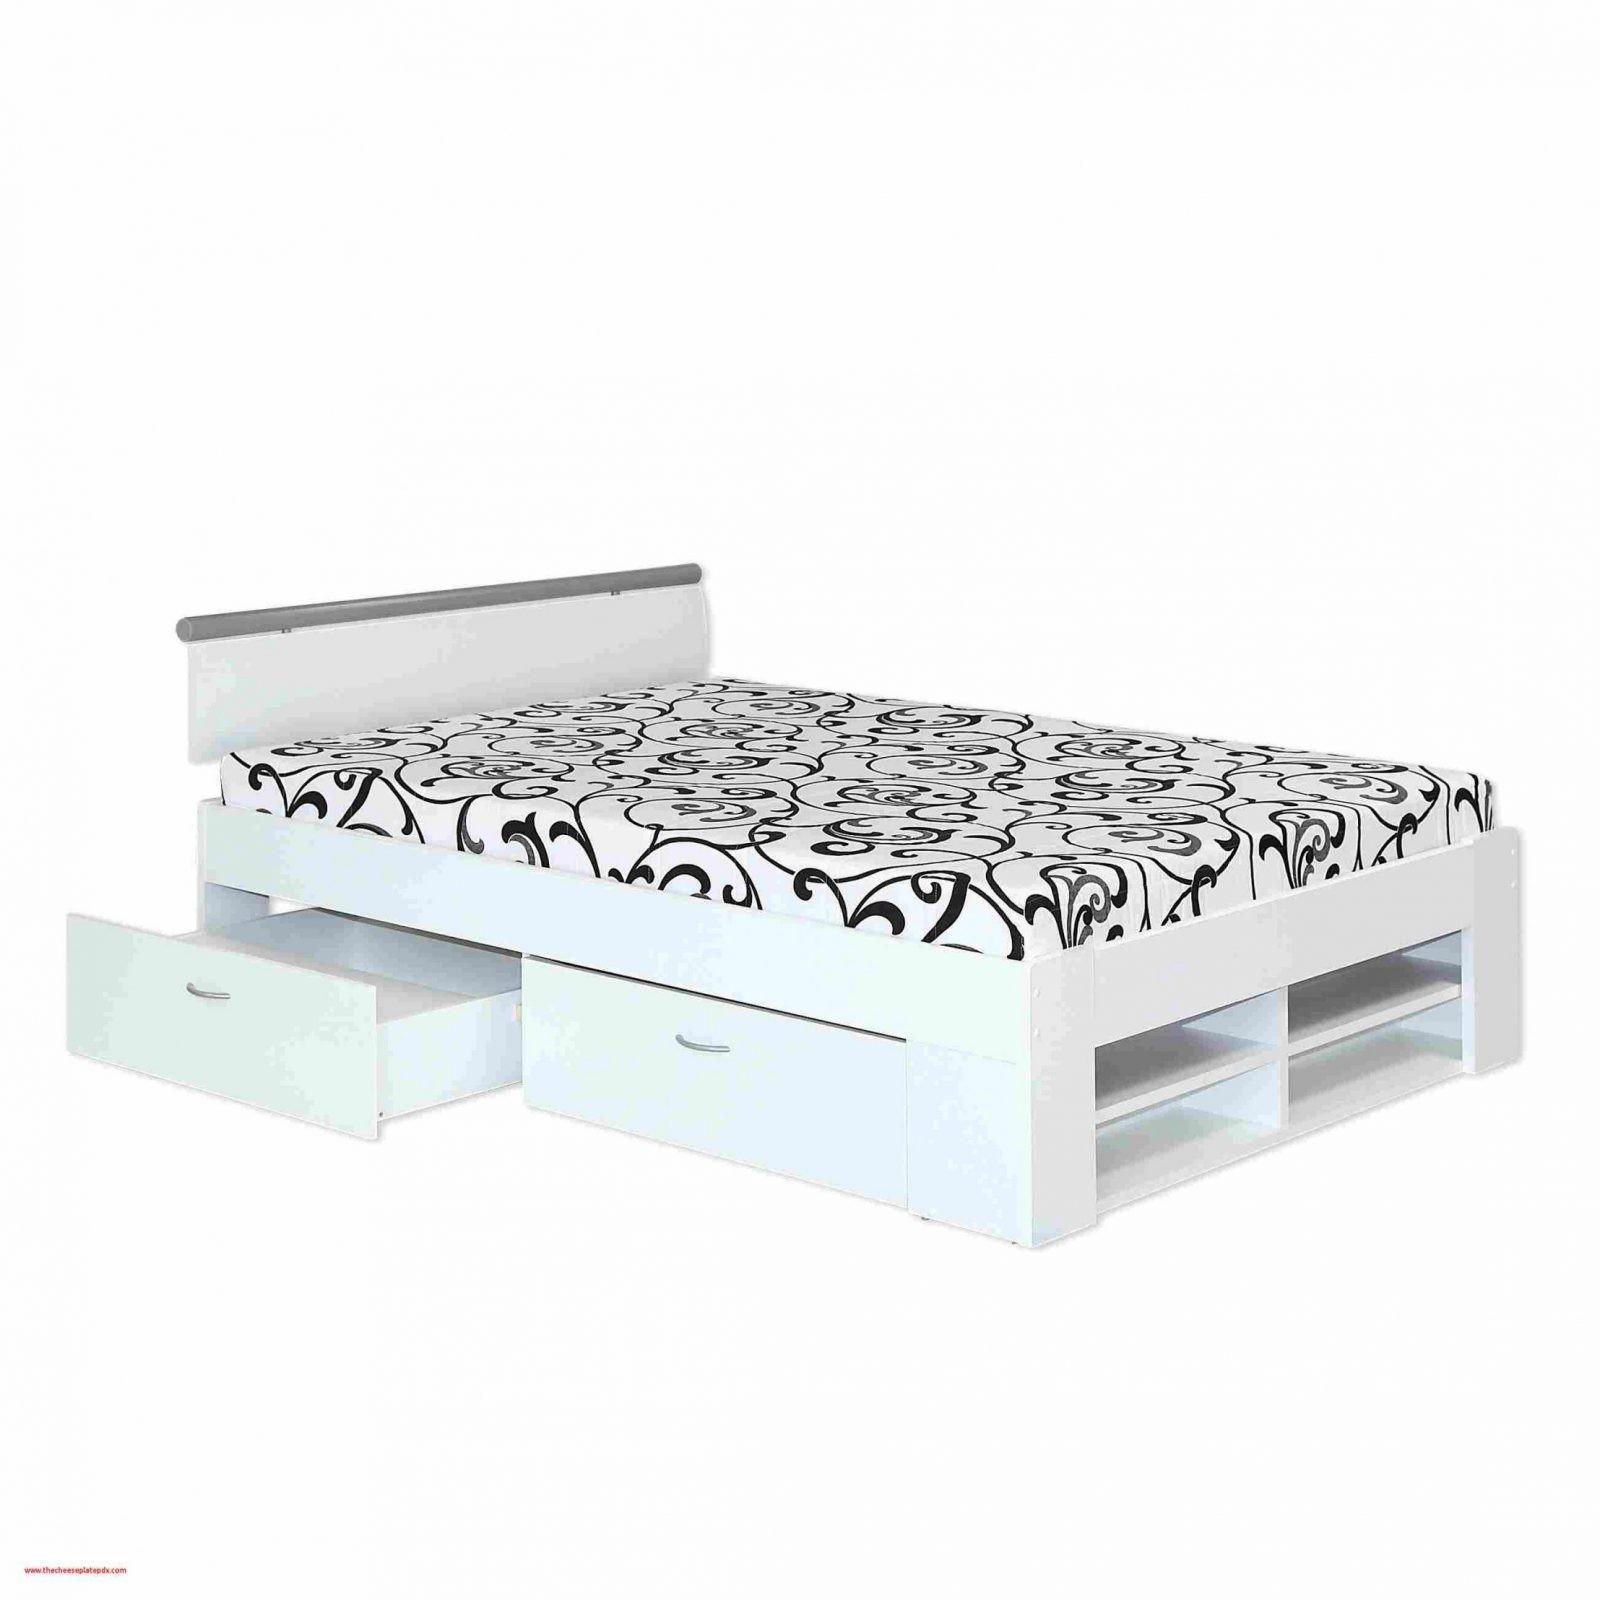 New Ikea Bett Weiß 140X200 Maintain von Bett Weiß 120X200 Ikea Bild